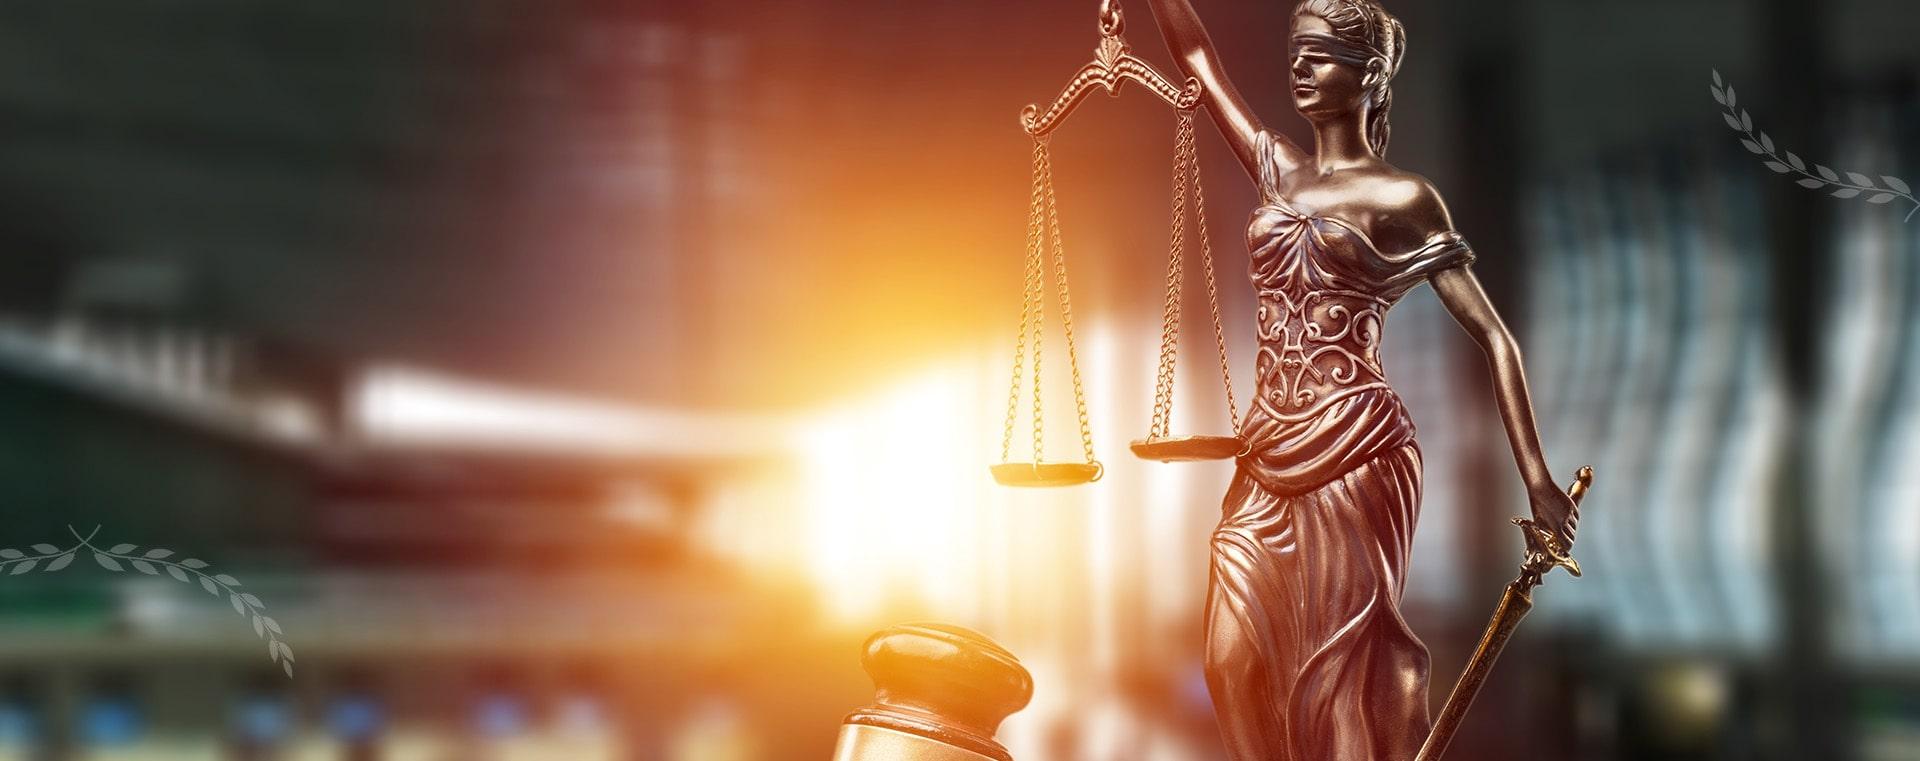 Kancelaria prawna lublin